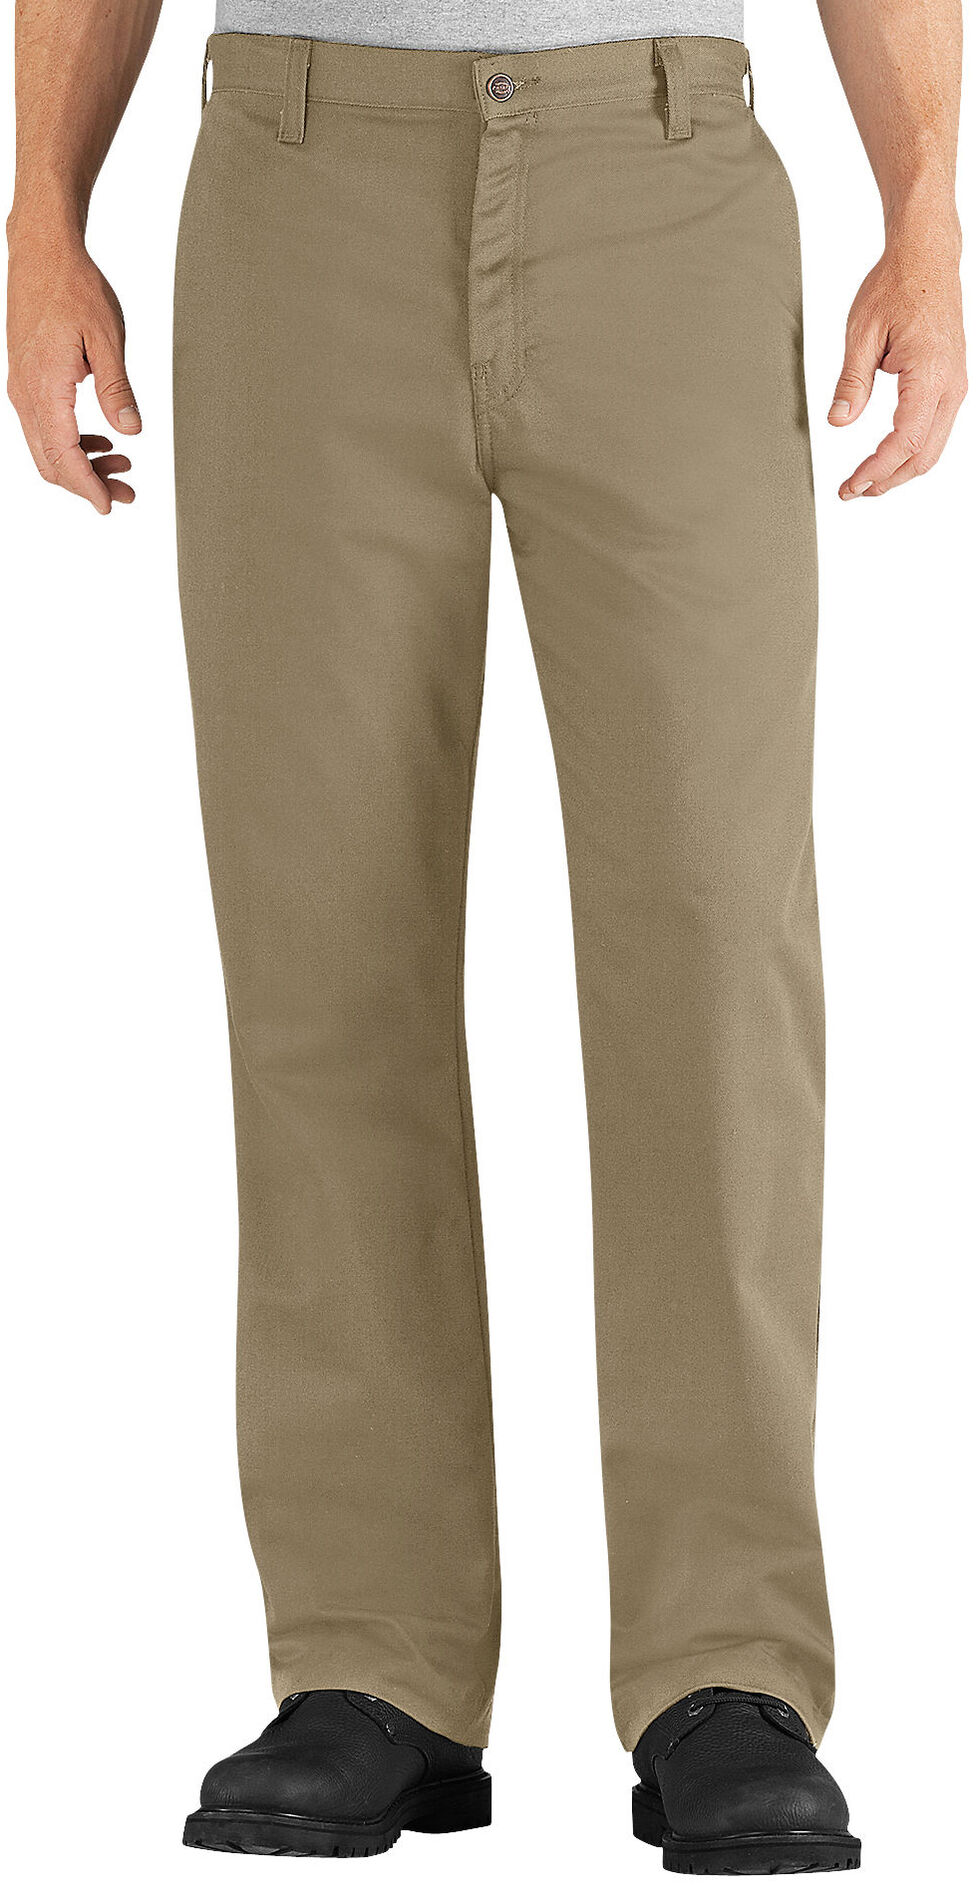 Dickies Flame Resistant Twill Pants, Khaki, hi-res